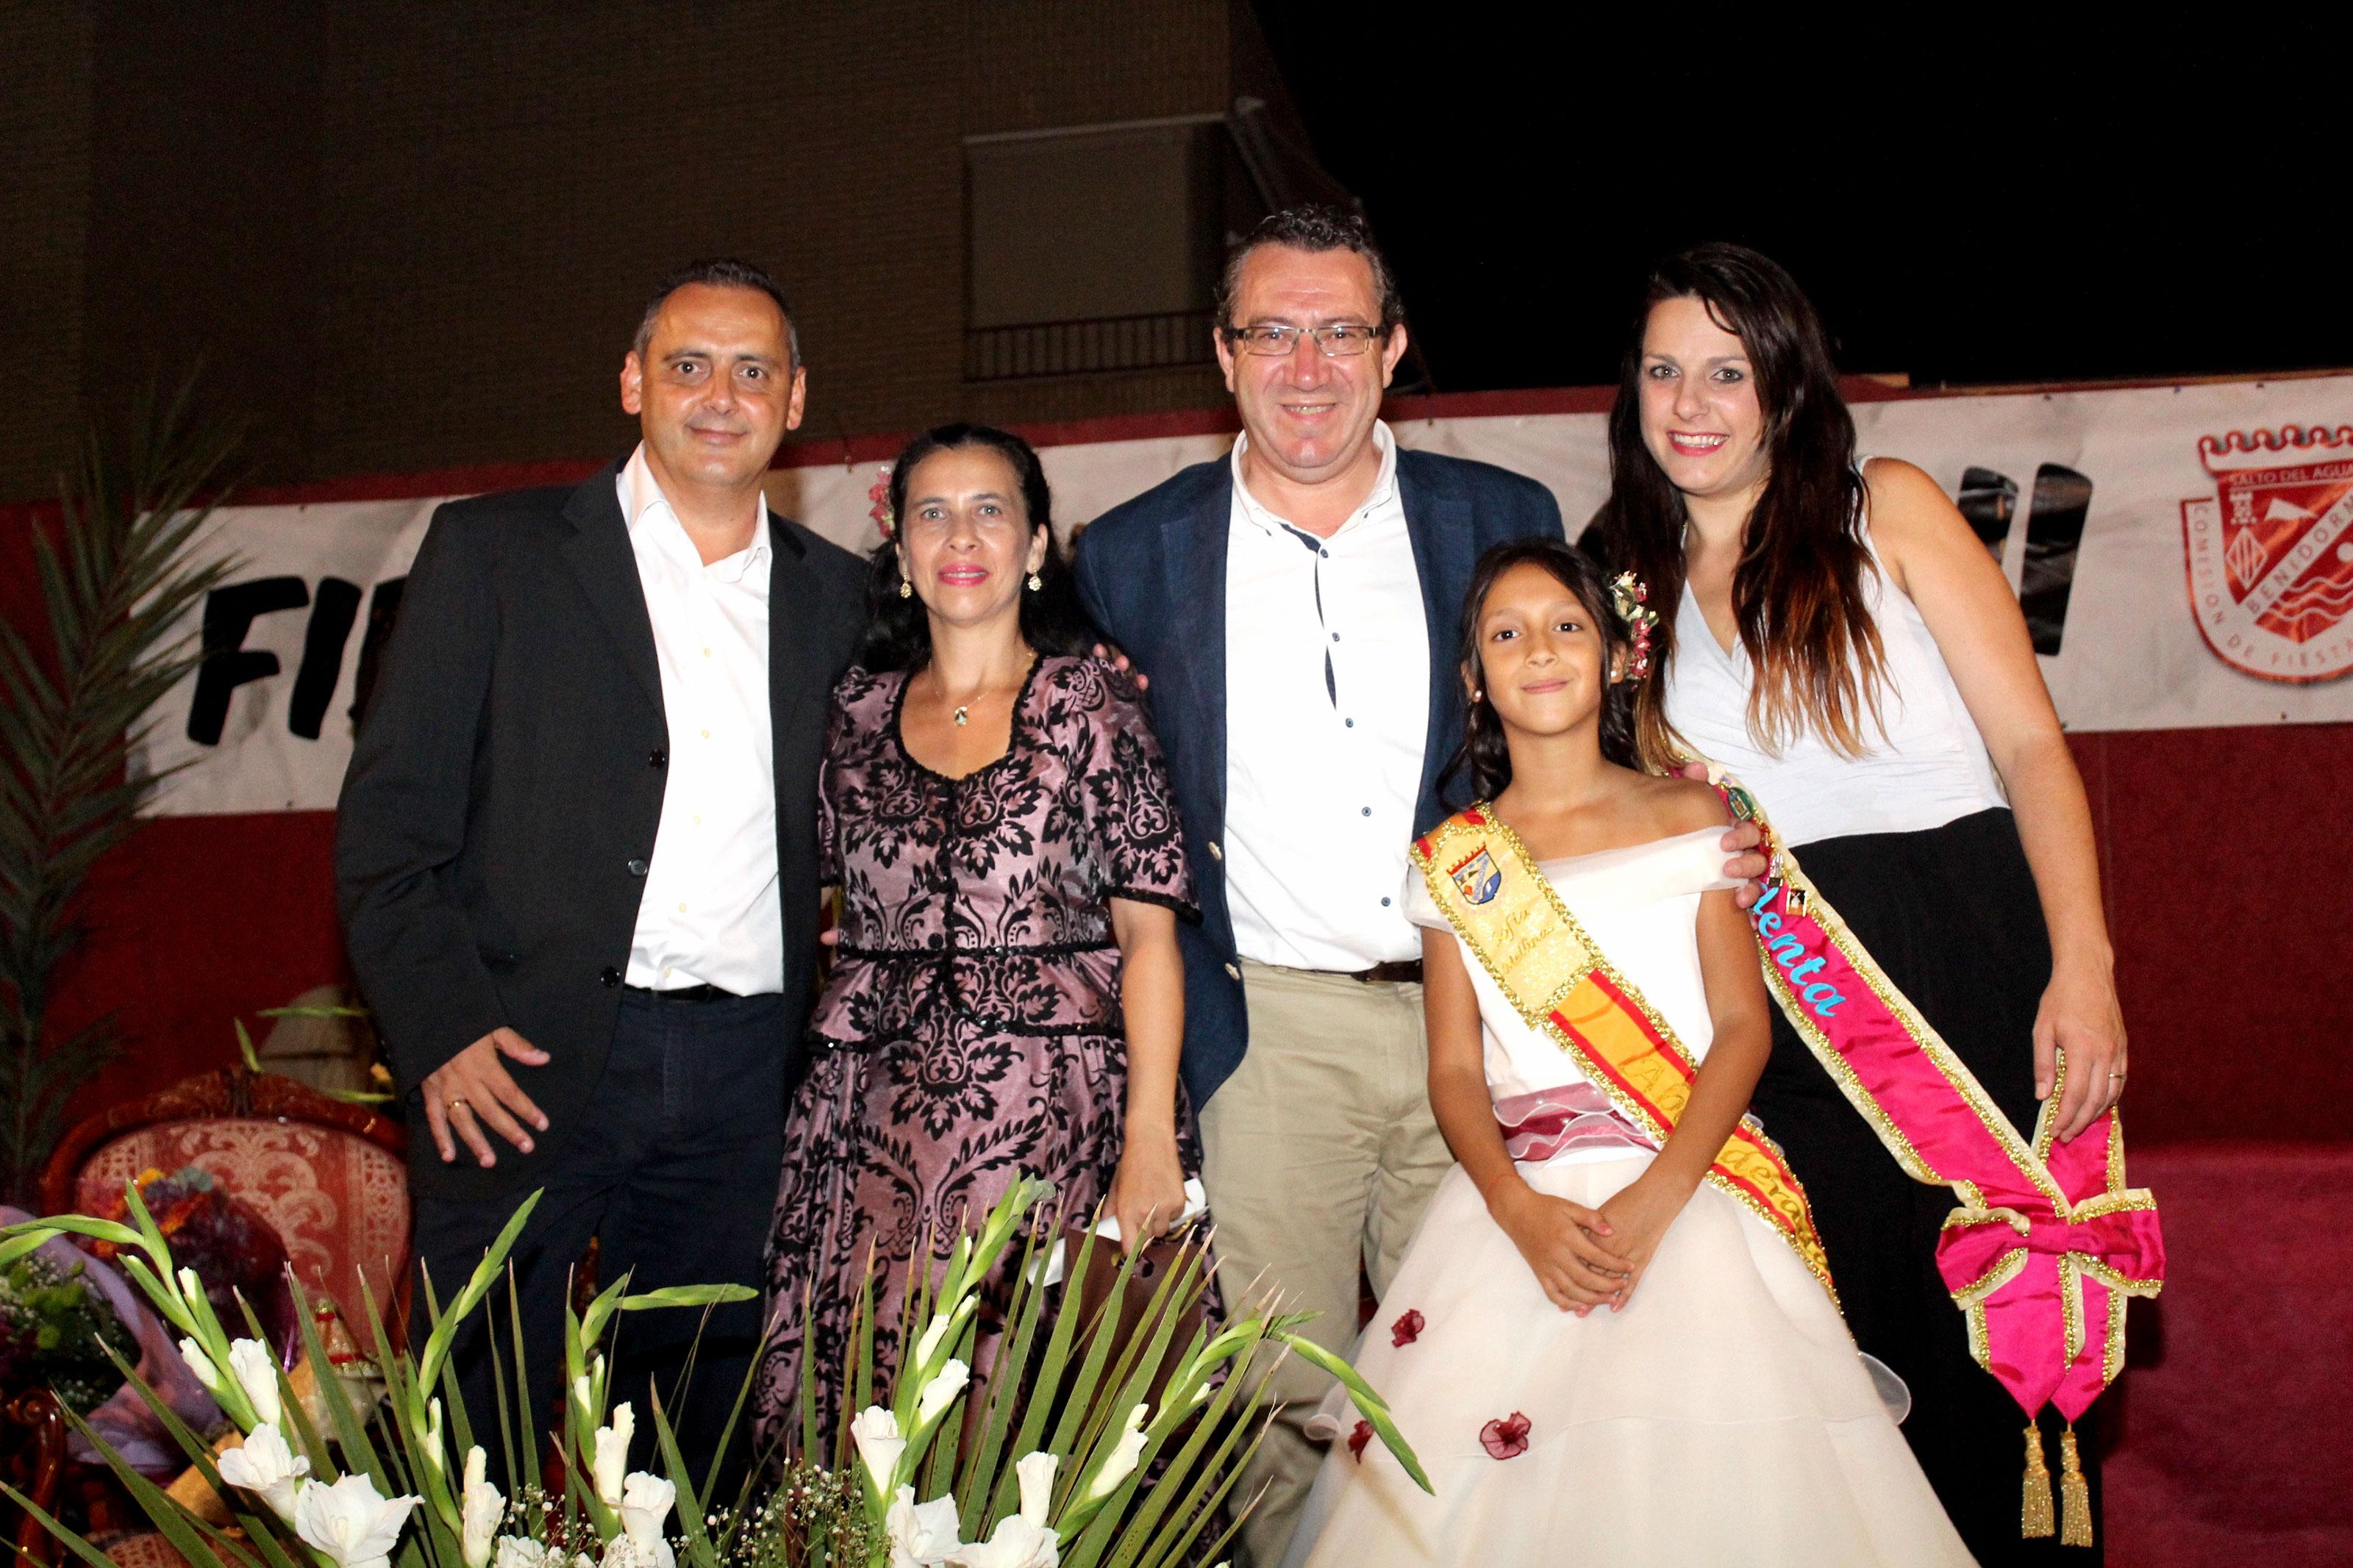 FIESTAS IMALSA.- Imalsa II proclama a su nueva abanderada que representará al barrio por todo Benidorm